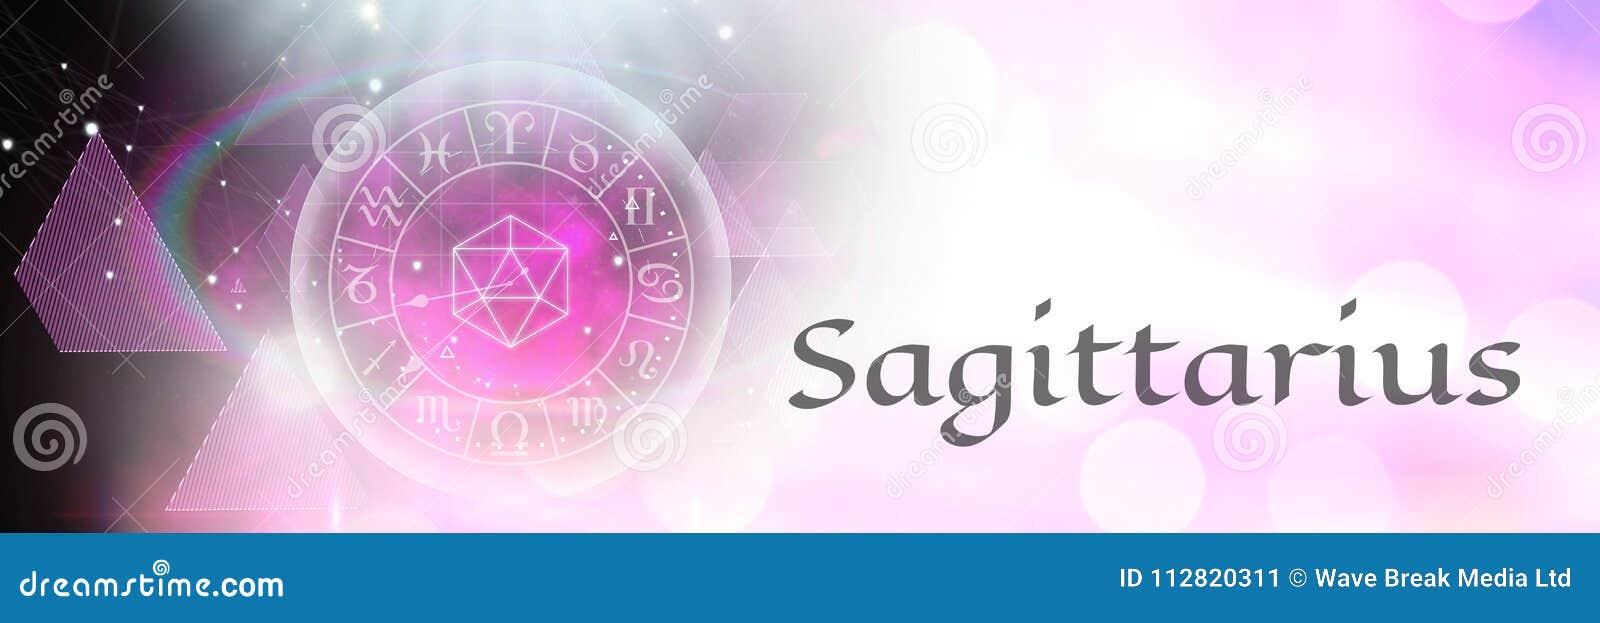 Astrología mística del zodiaco del sagitario